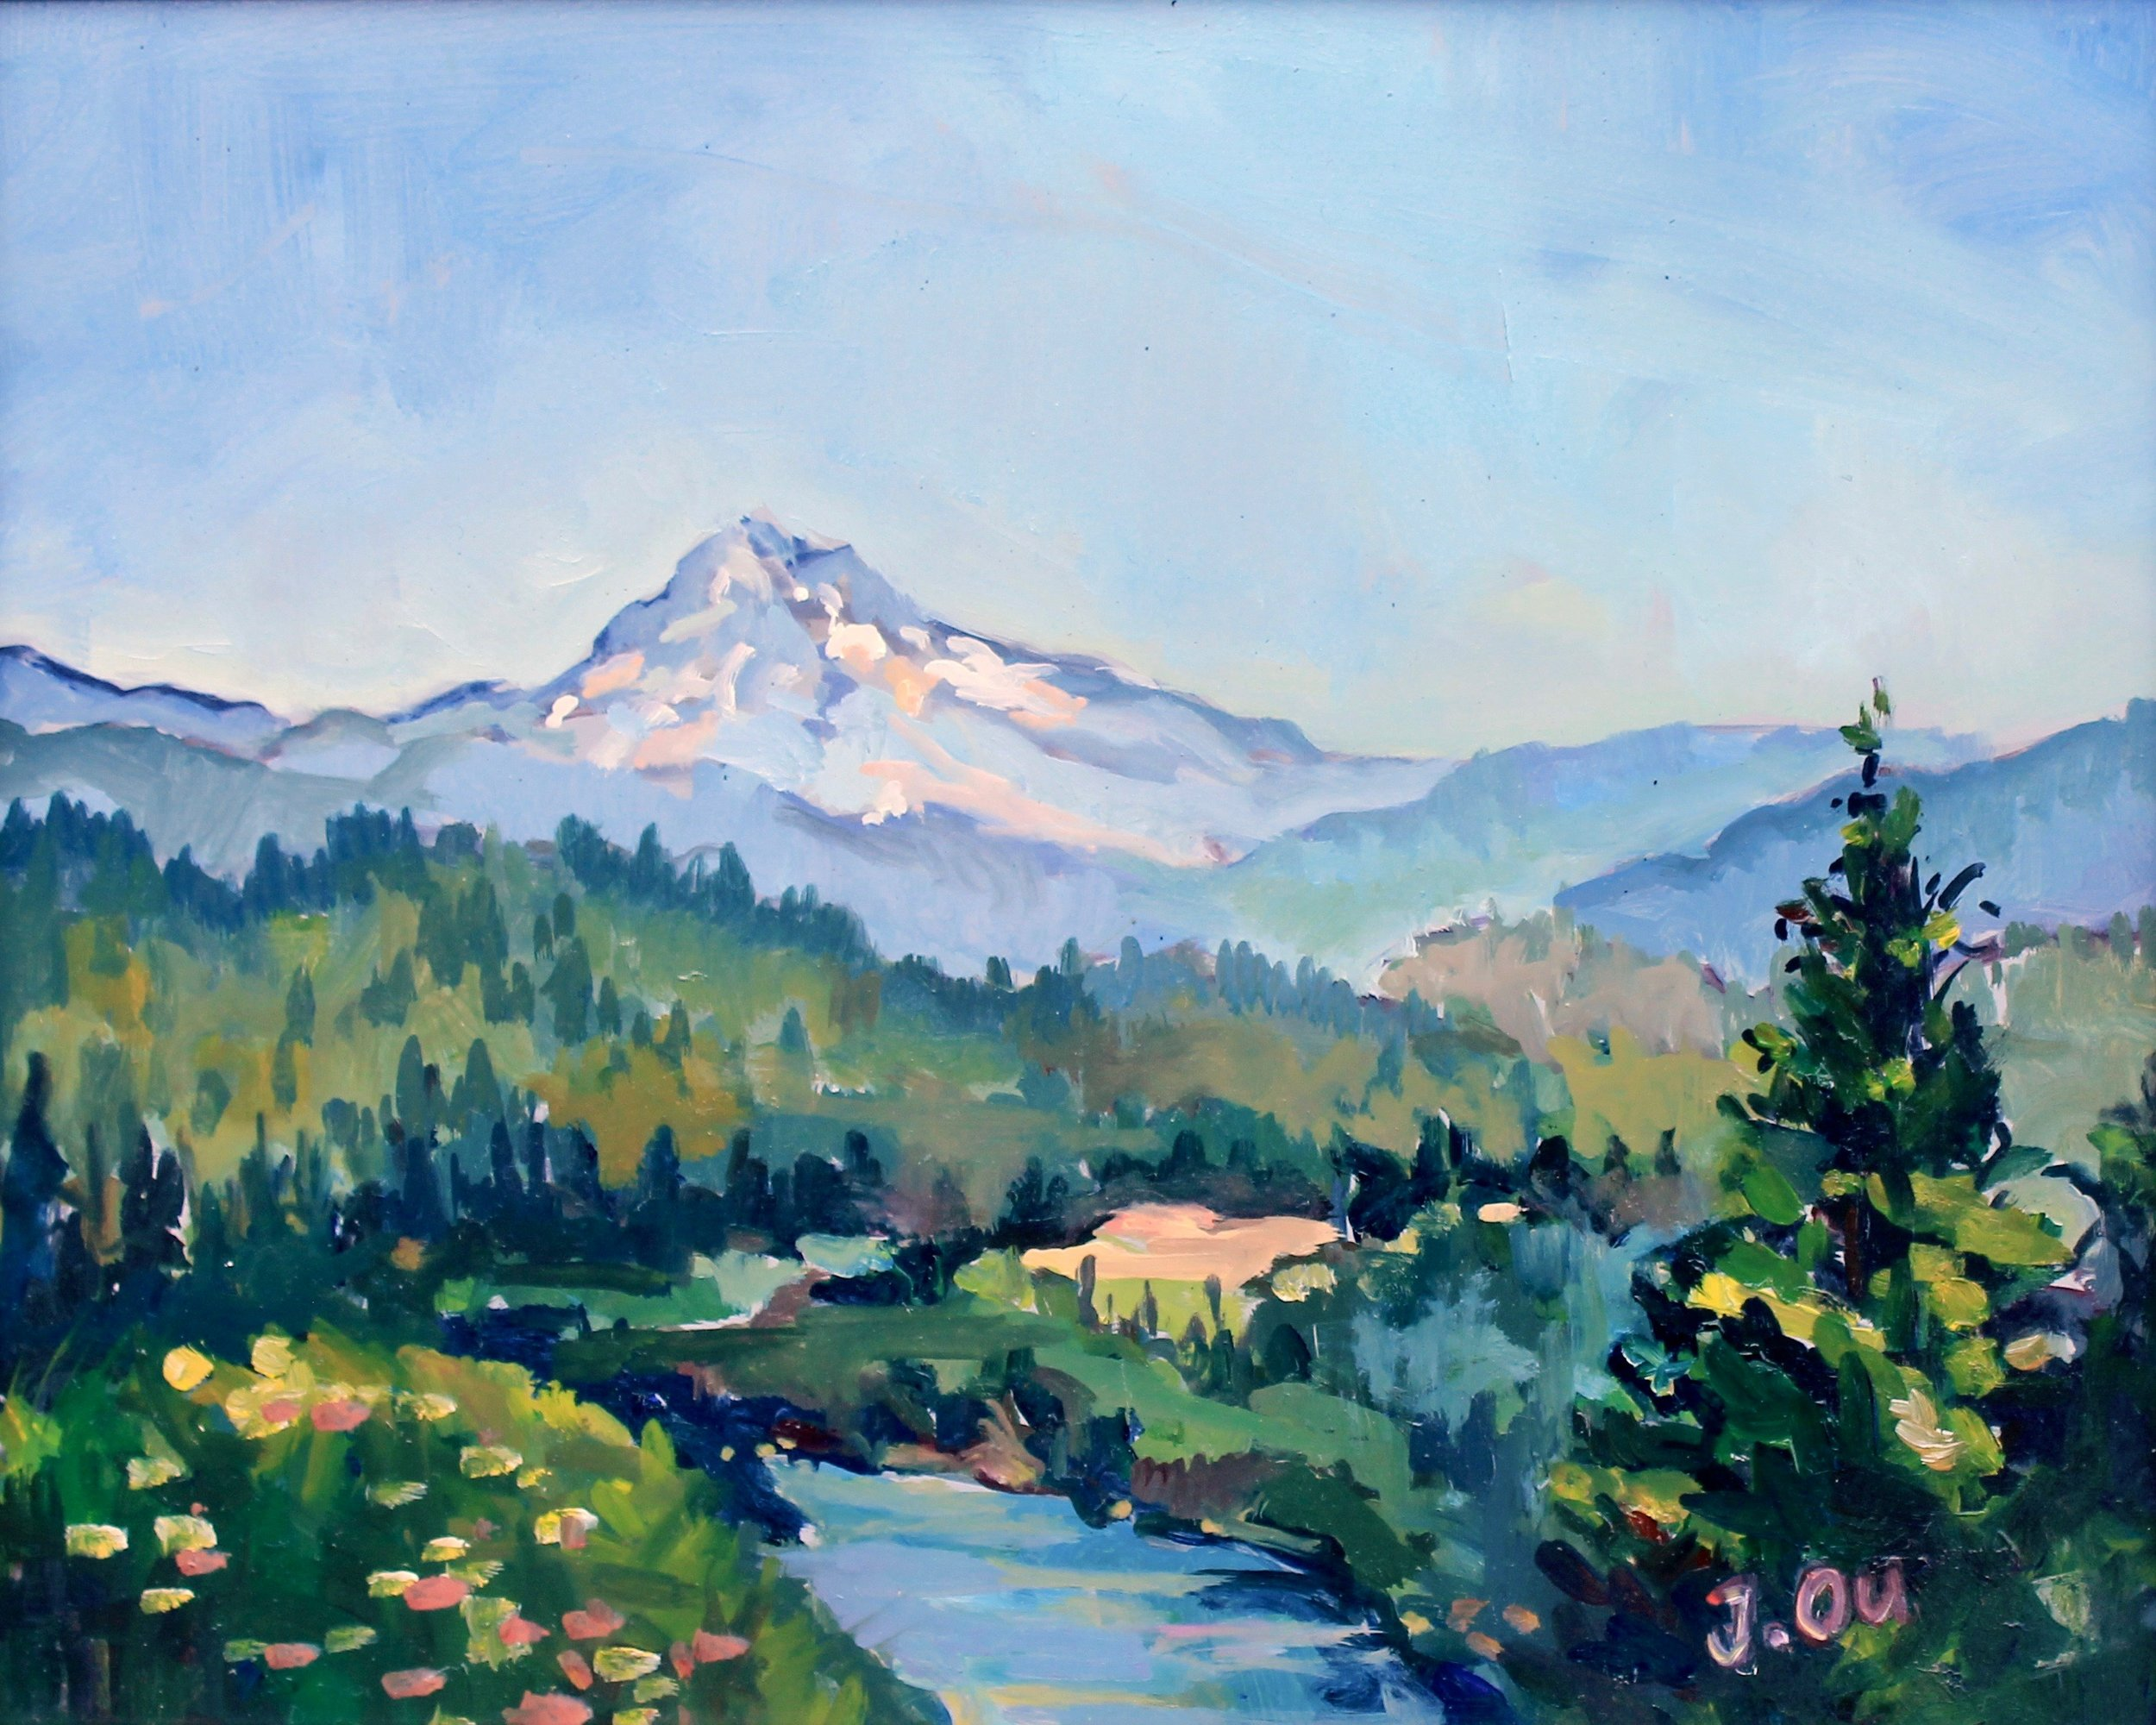 Mt. Hood (Oregon)  8x10, oil on panel. sold.